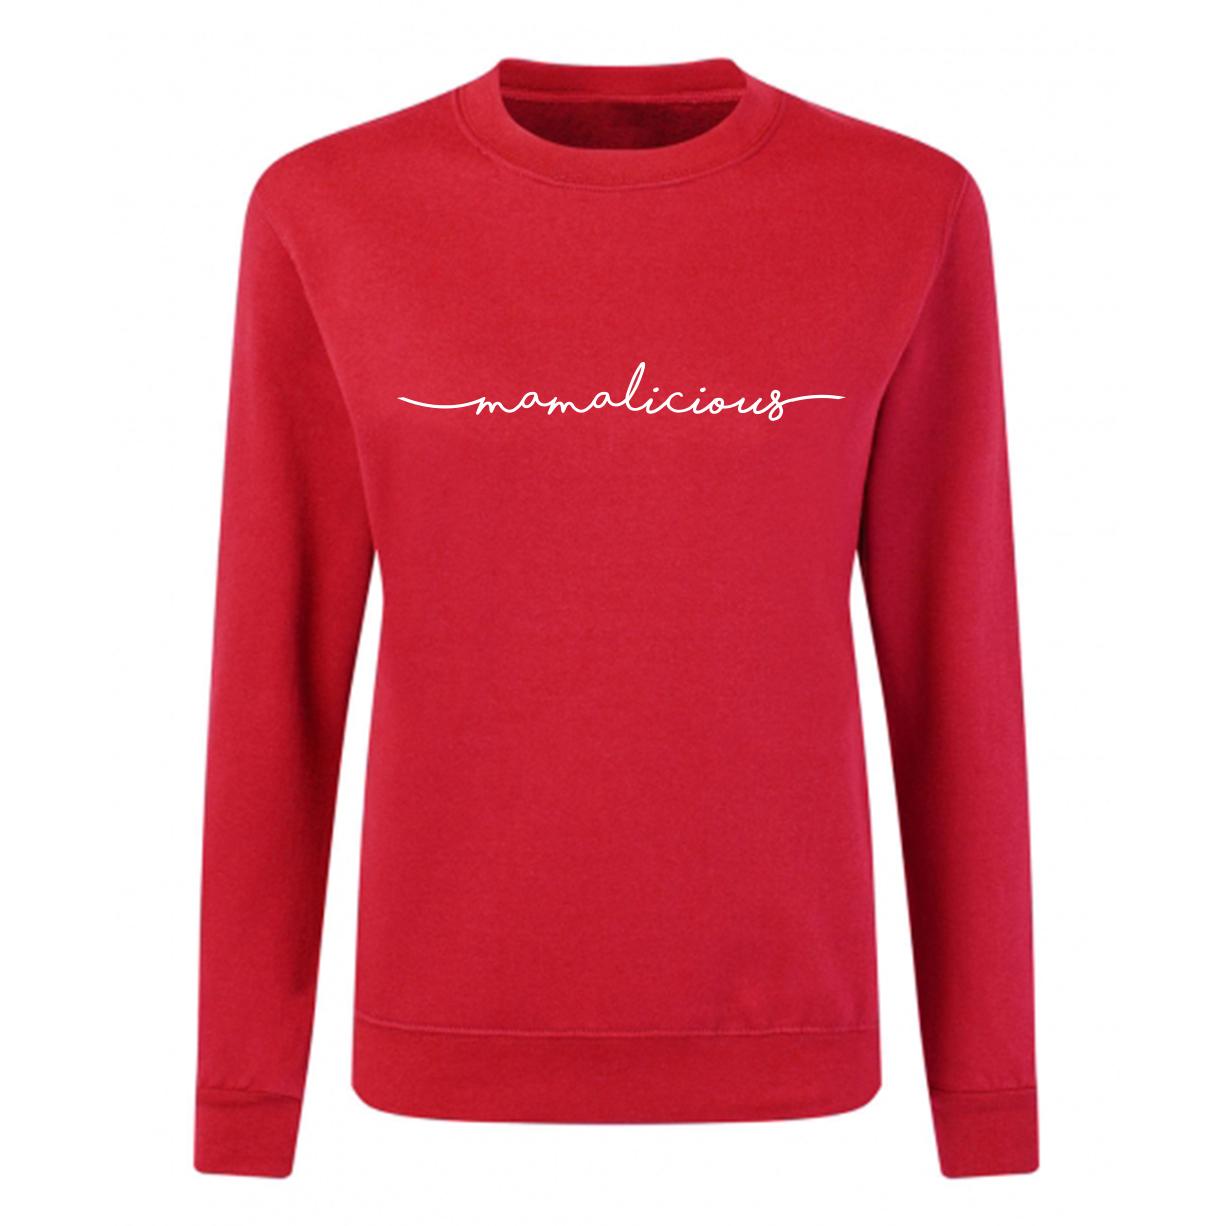 Sweater  - Mamalicious